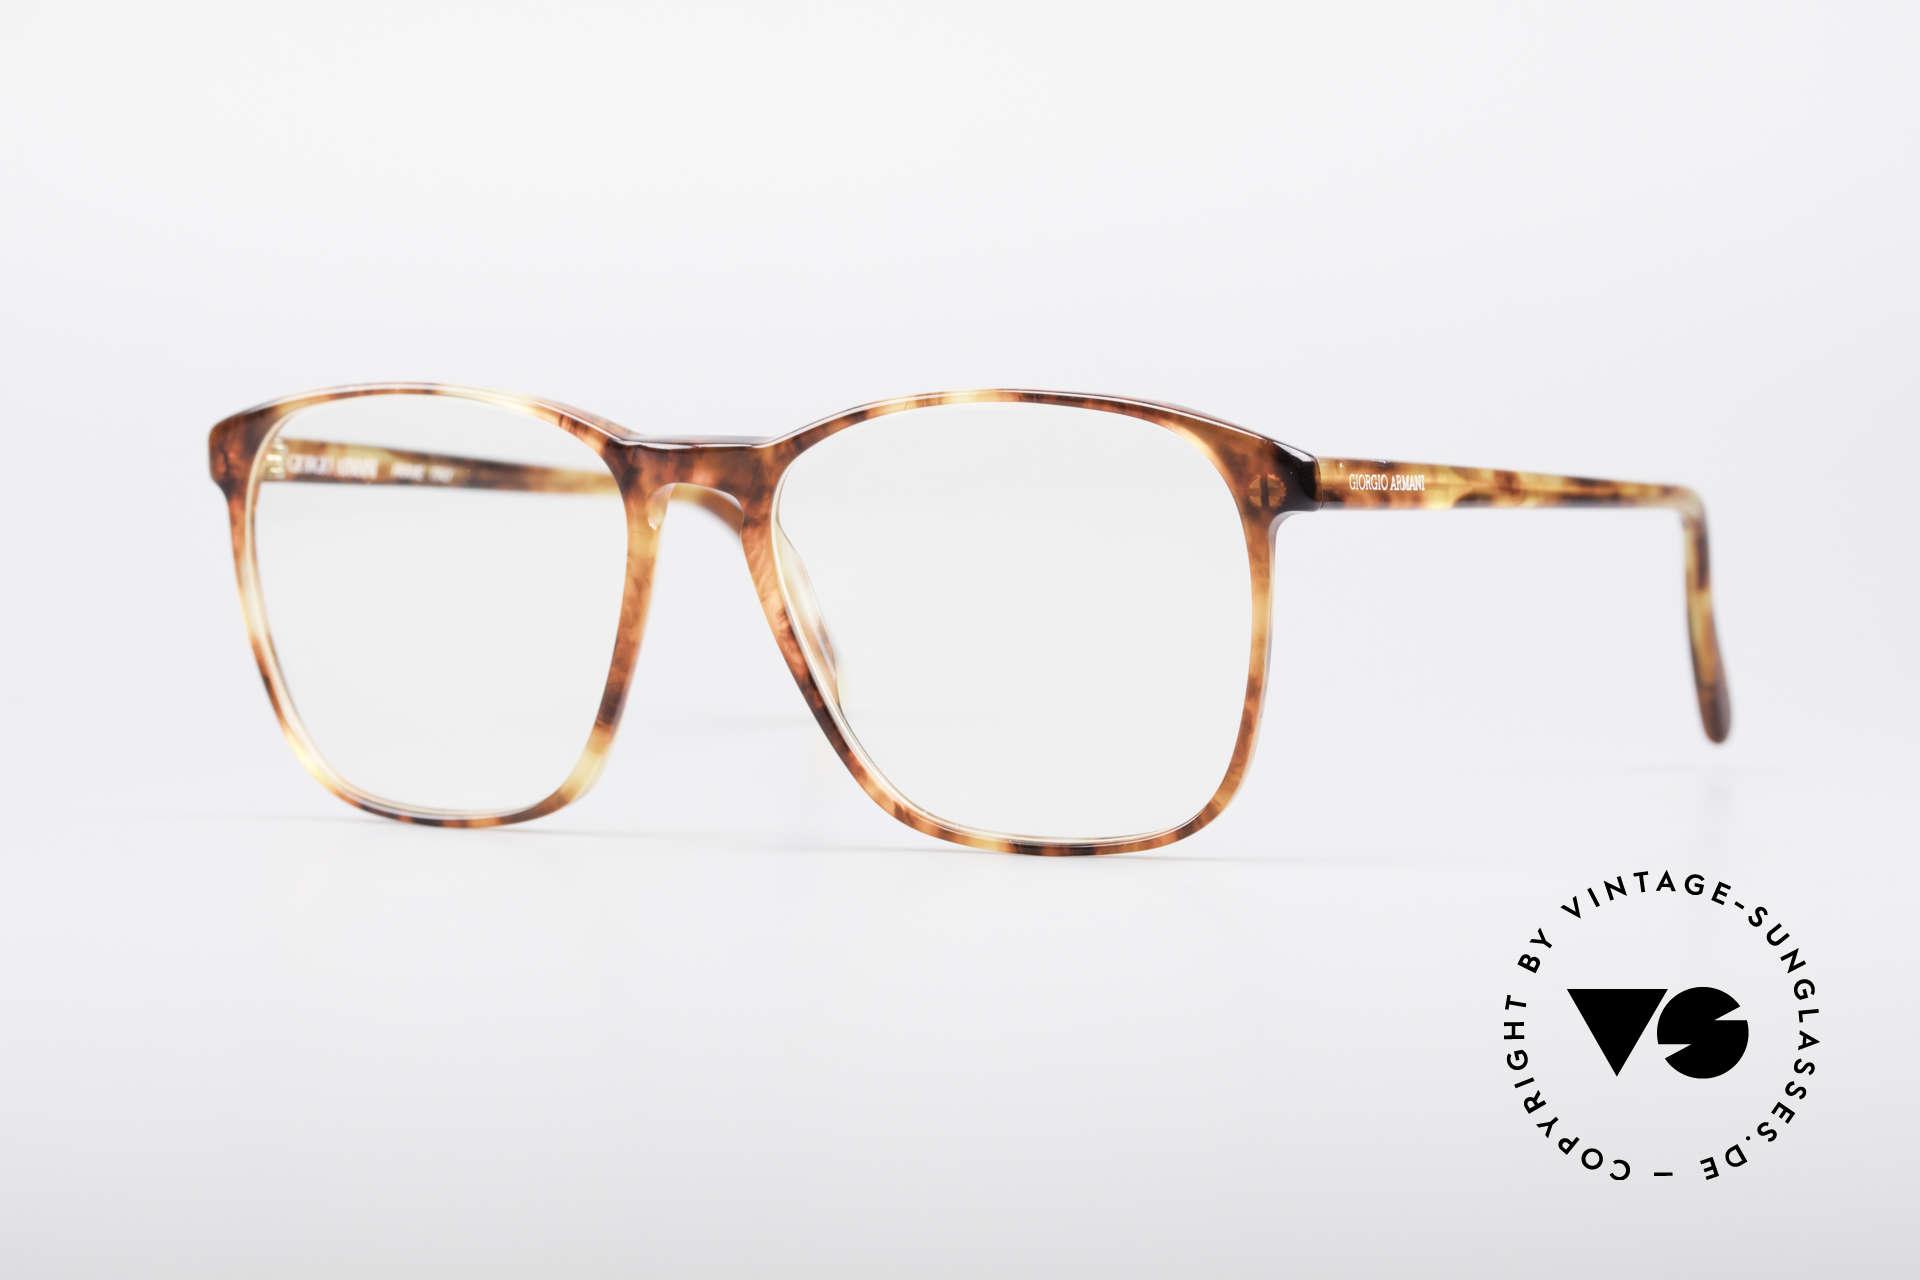 Giorgio Armani 328 True Vintage Designer Glasses, true vintage eyeglass-frame by GIORGIO ARMANI, Made for Men